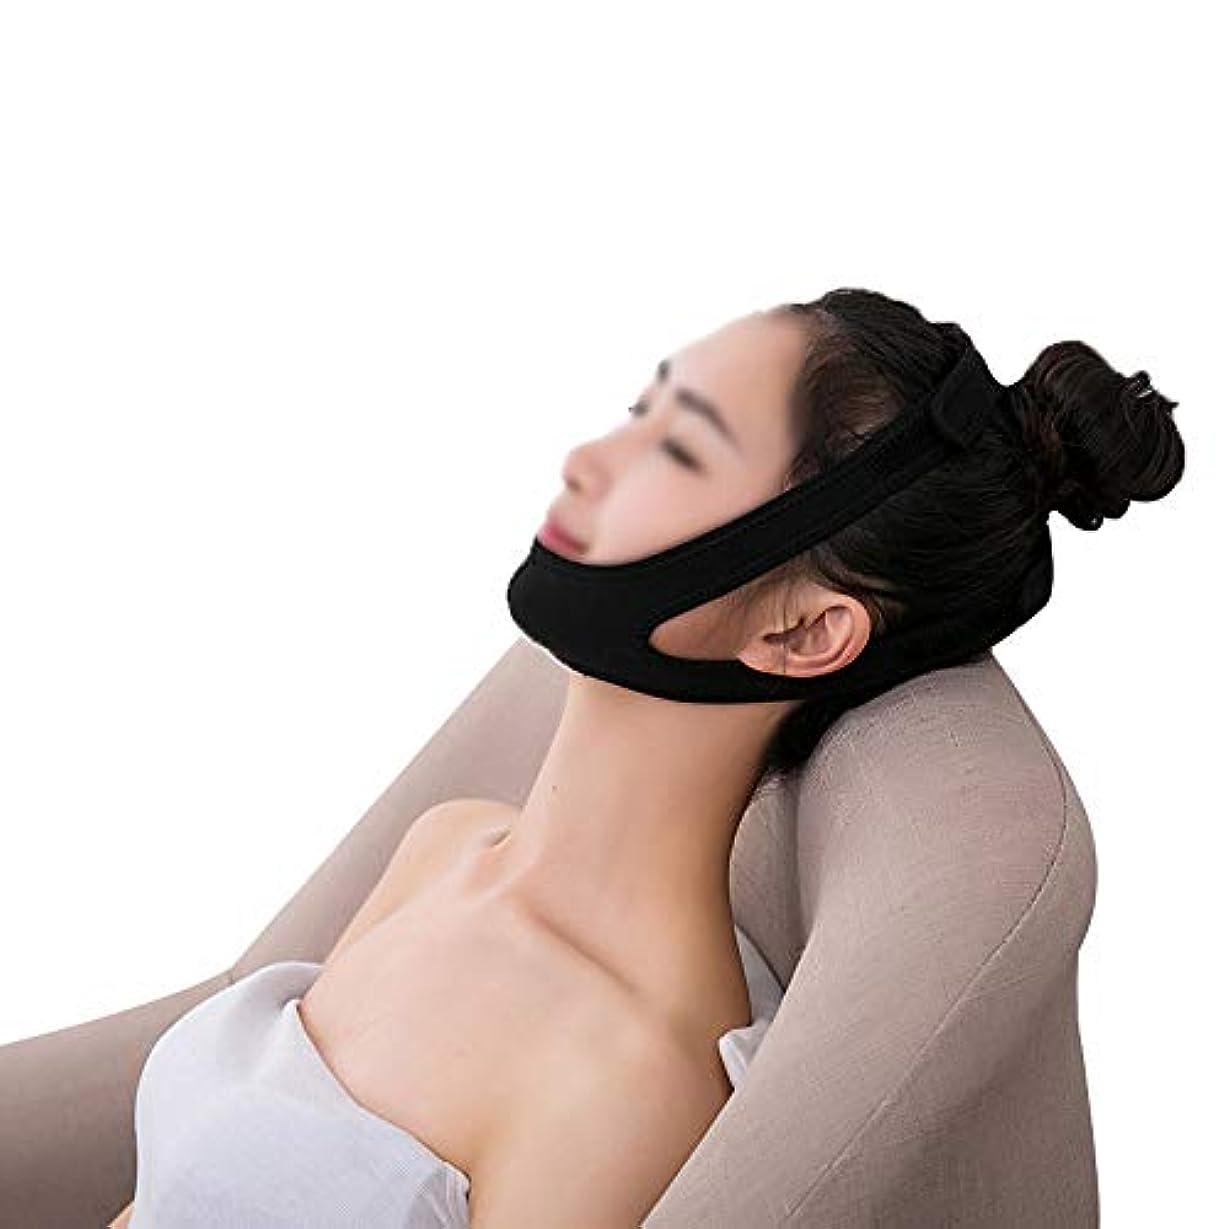 レルム温帯蒸発するGLJJQMY リフティングマスク家庭用包帯震えネット赤女性vフェイスステッカーショルダーストラップ表面アーティファクト後引き締めマスク 顔用整形マスク